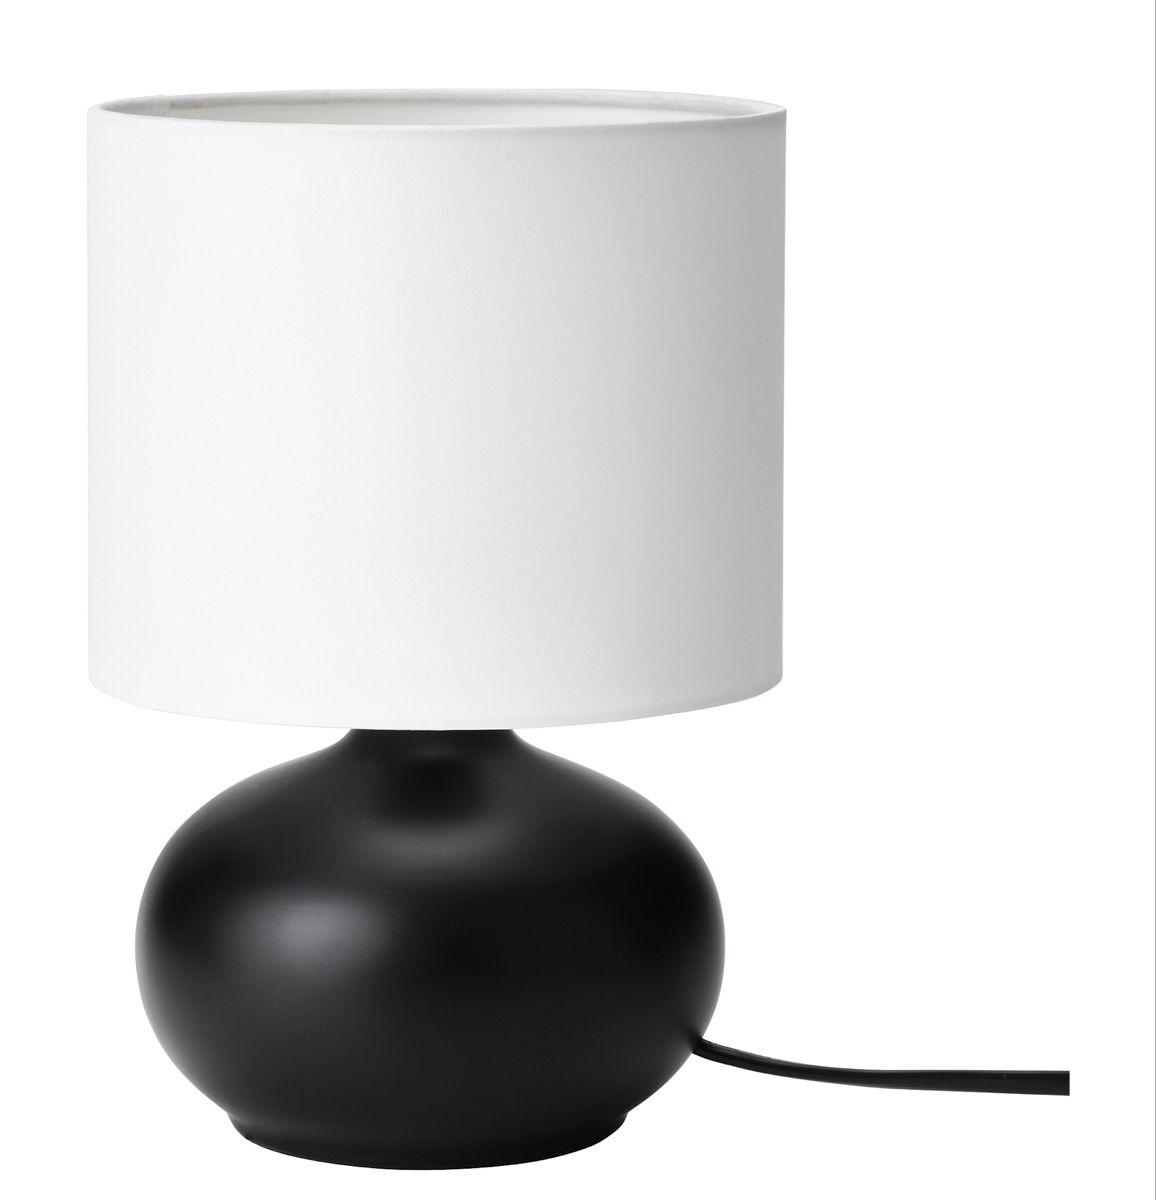 Tvarfot Table Lamp Black White Ikea Table Lamp Lamp Black Table Lamps